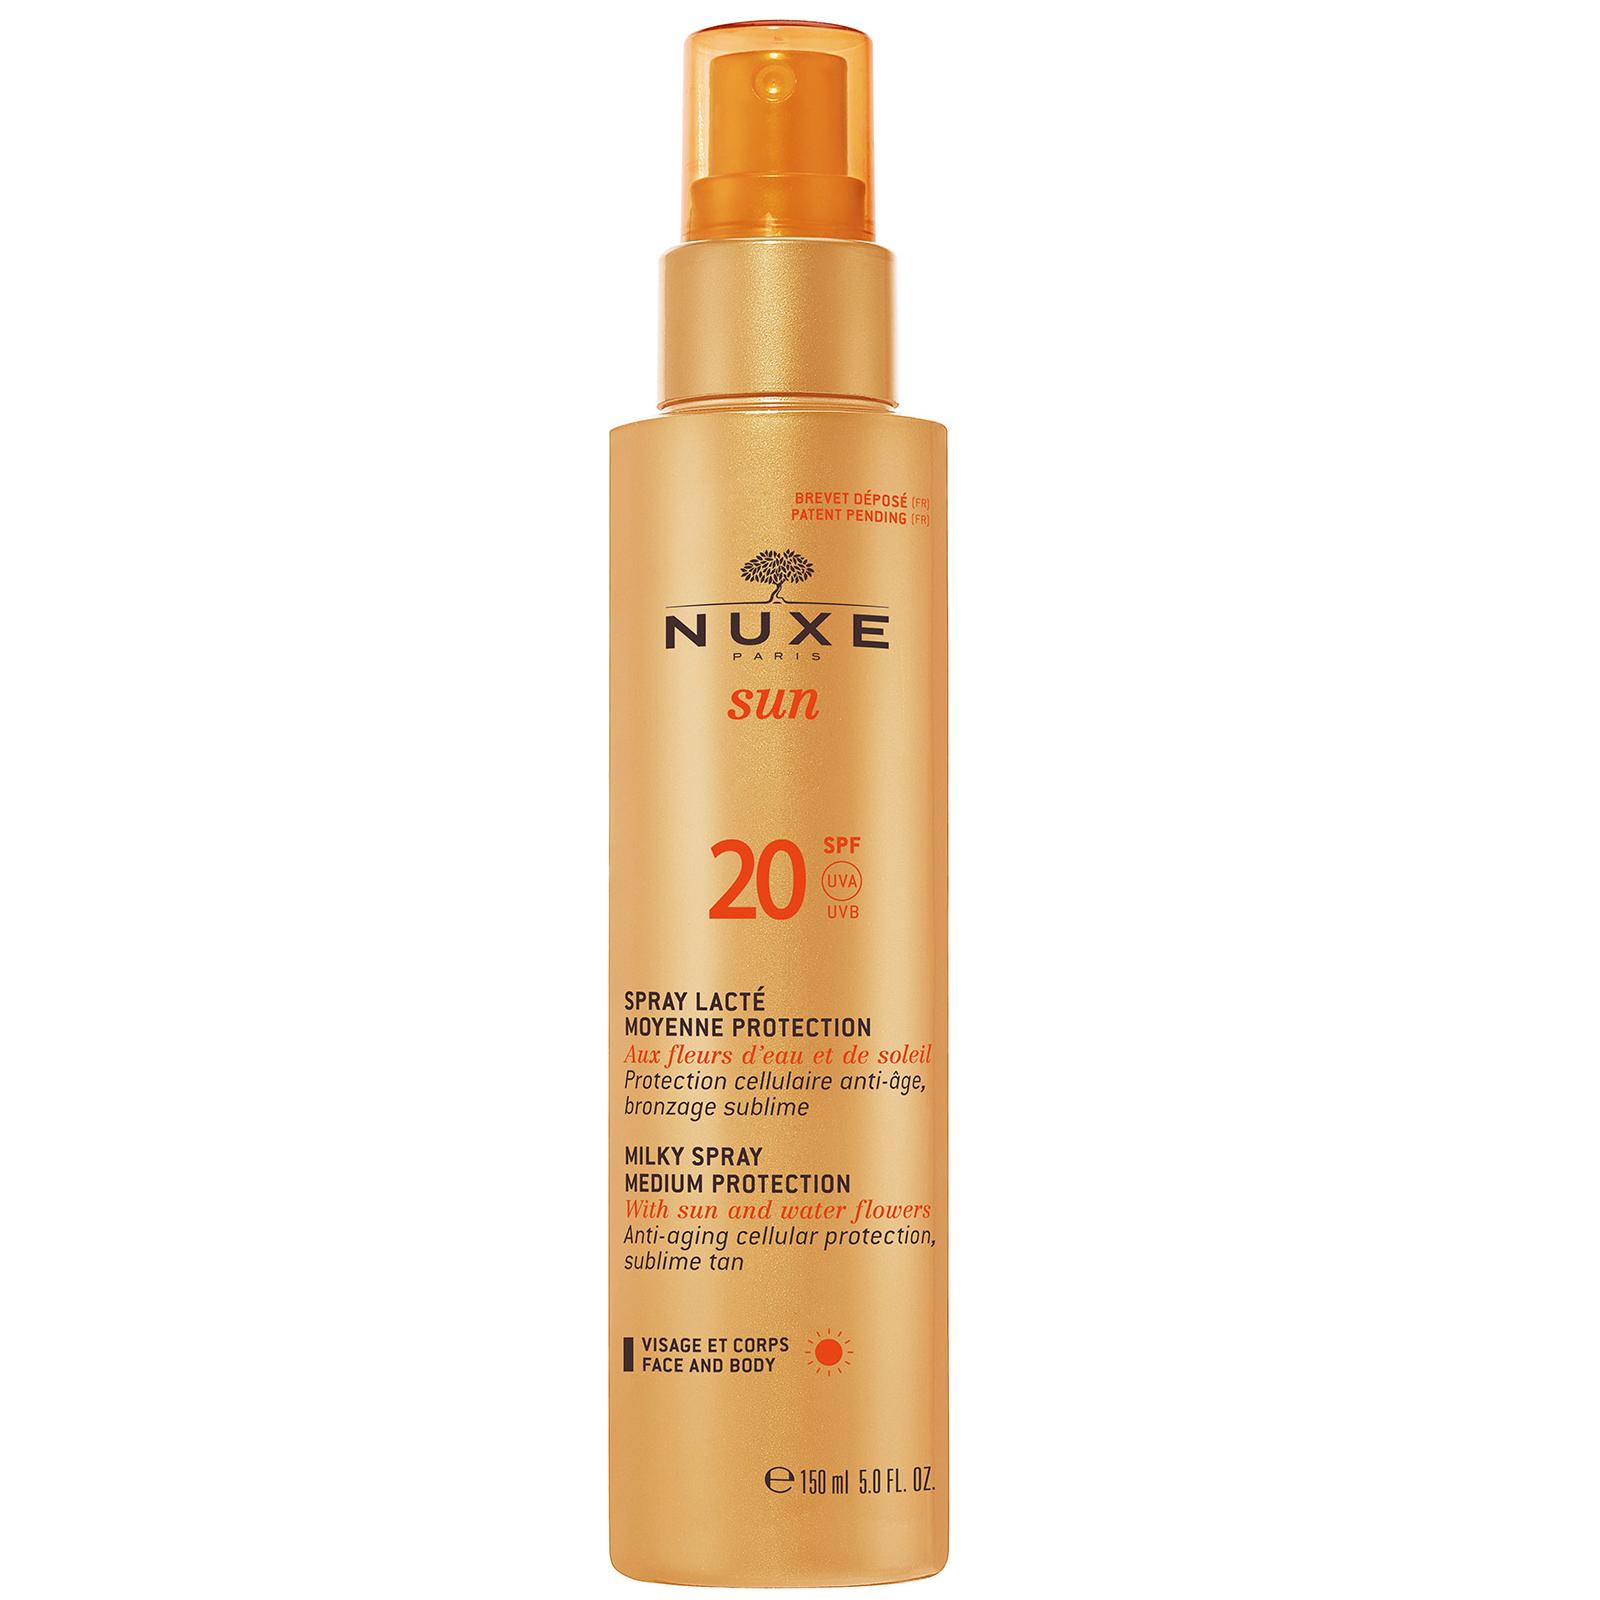 Nuxe Milky Spray Face & Body SPF 20